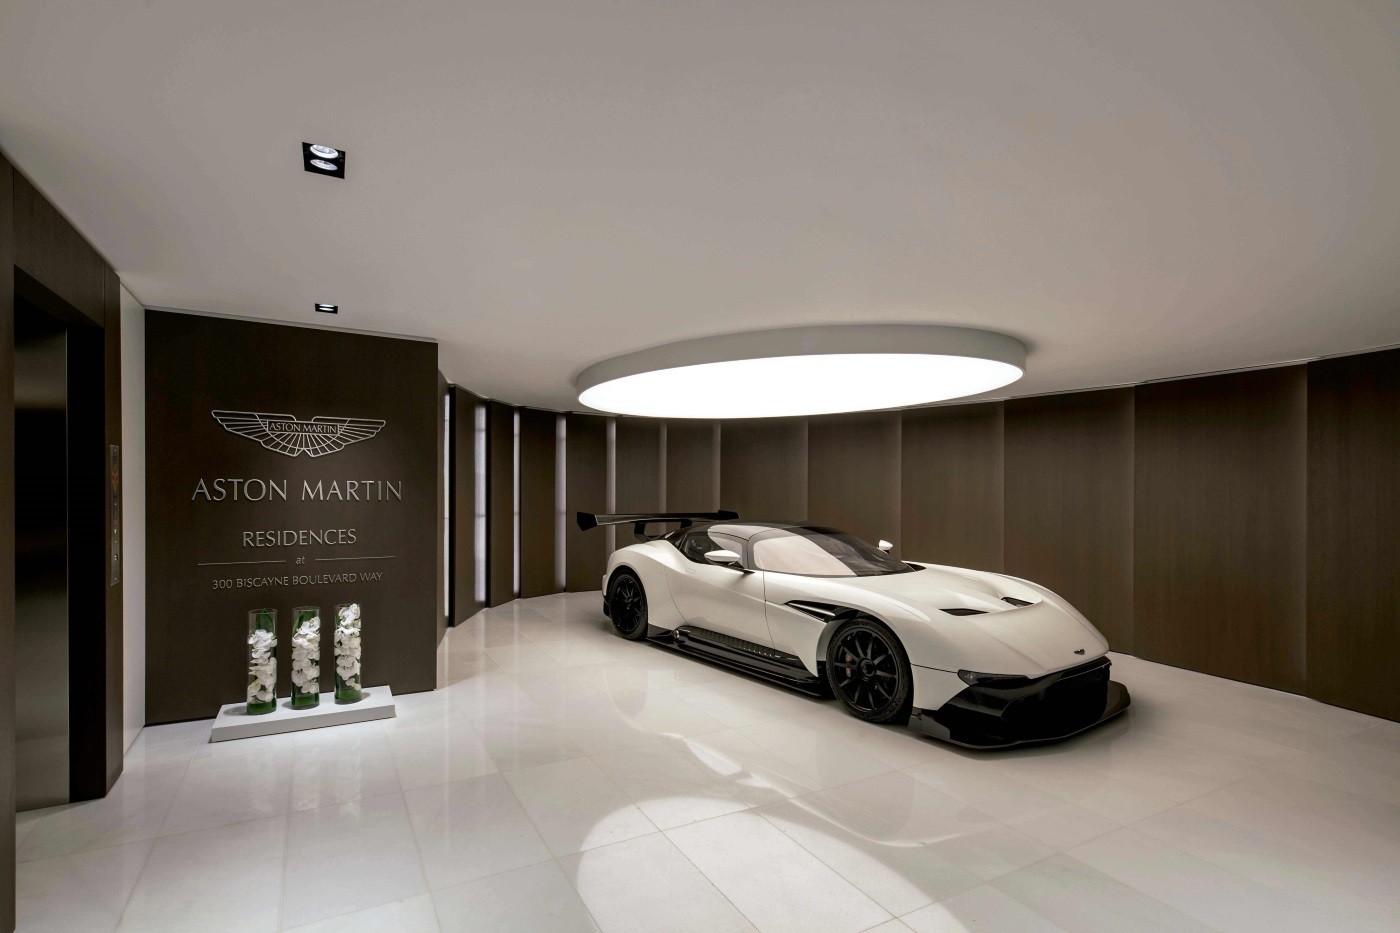 Aston-Martin-Residences-Miami-penthouse-1